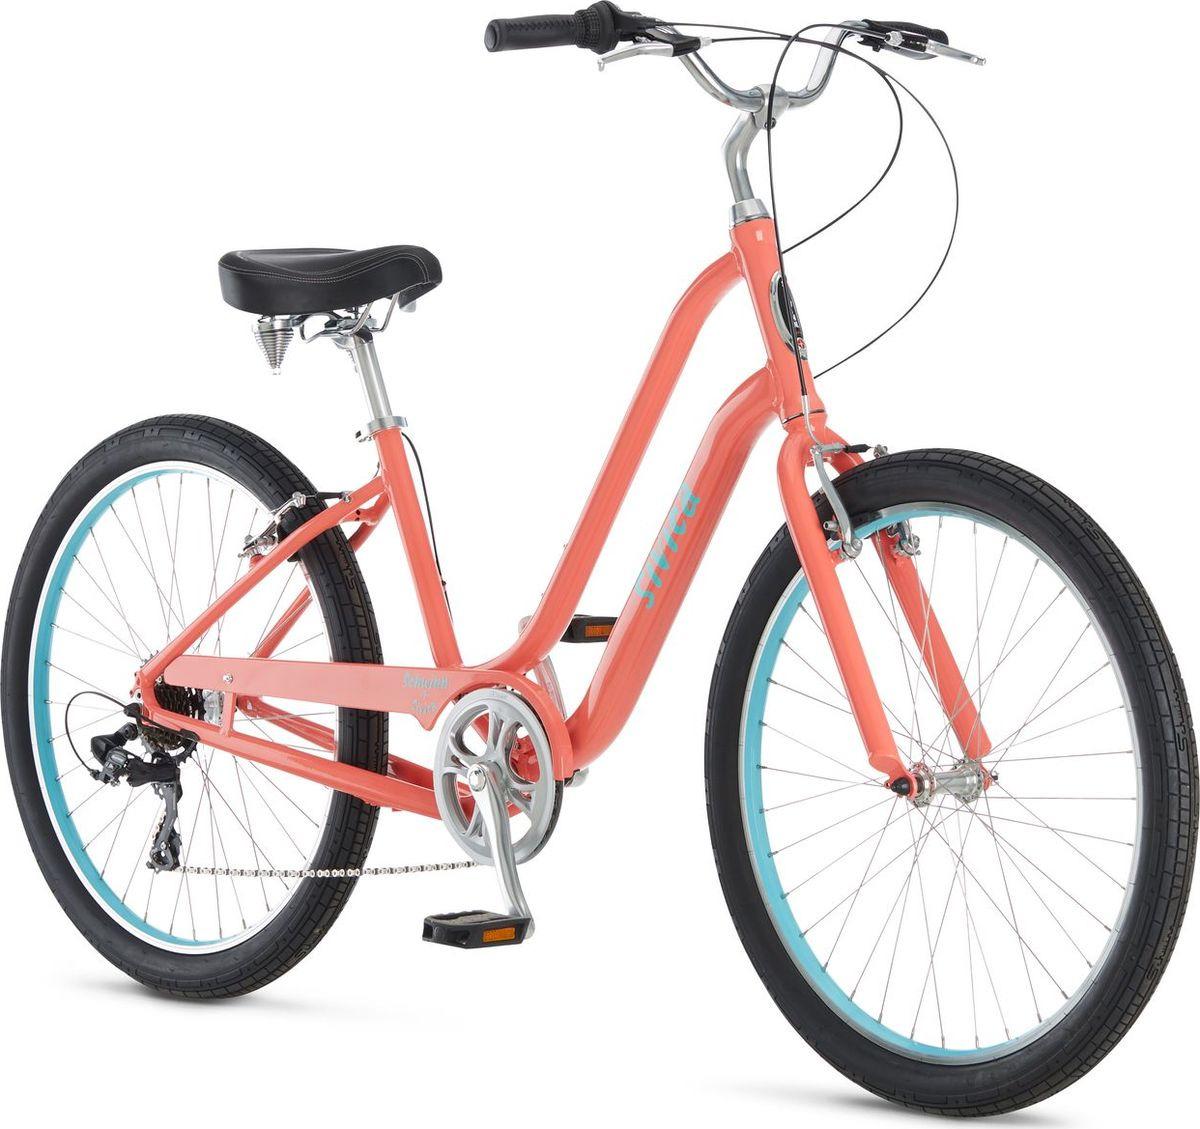 Велосипед городской Schwinn Sivica 7 Women, колесо 26, коралловый, 7 скоростей велосипед schwinn perla 7 2018